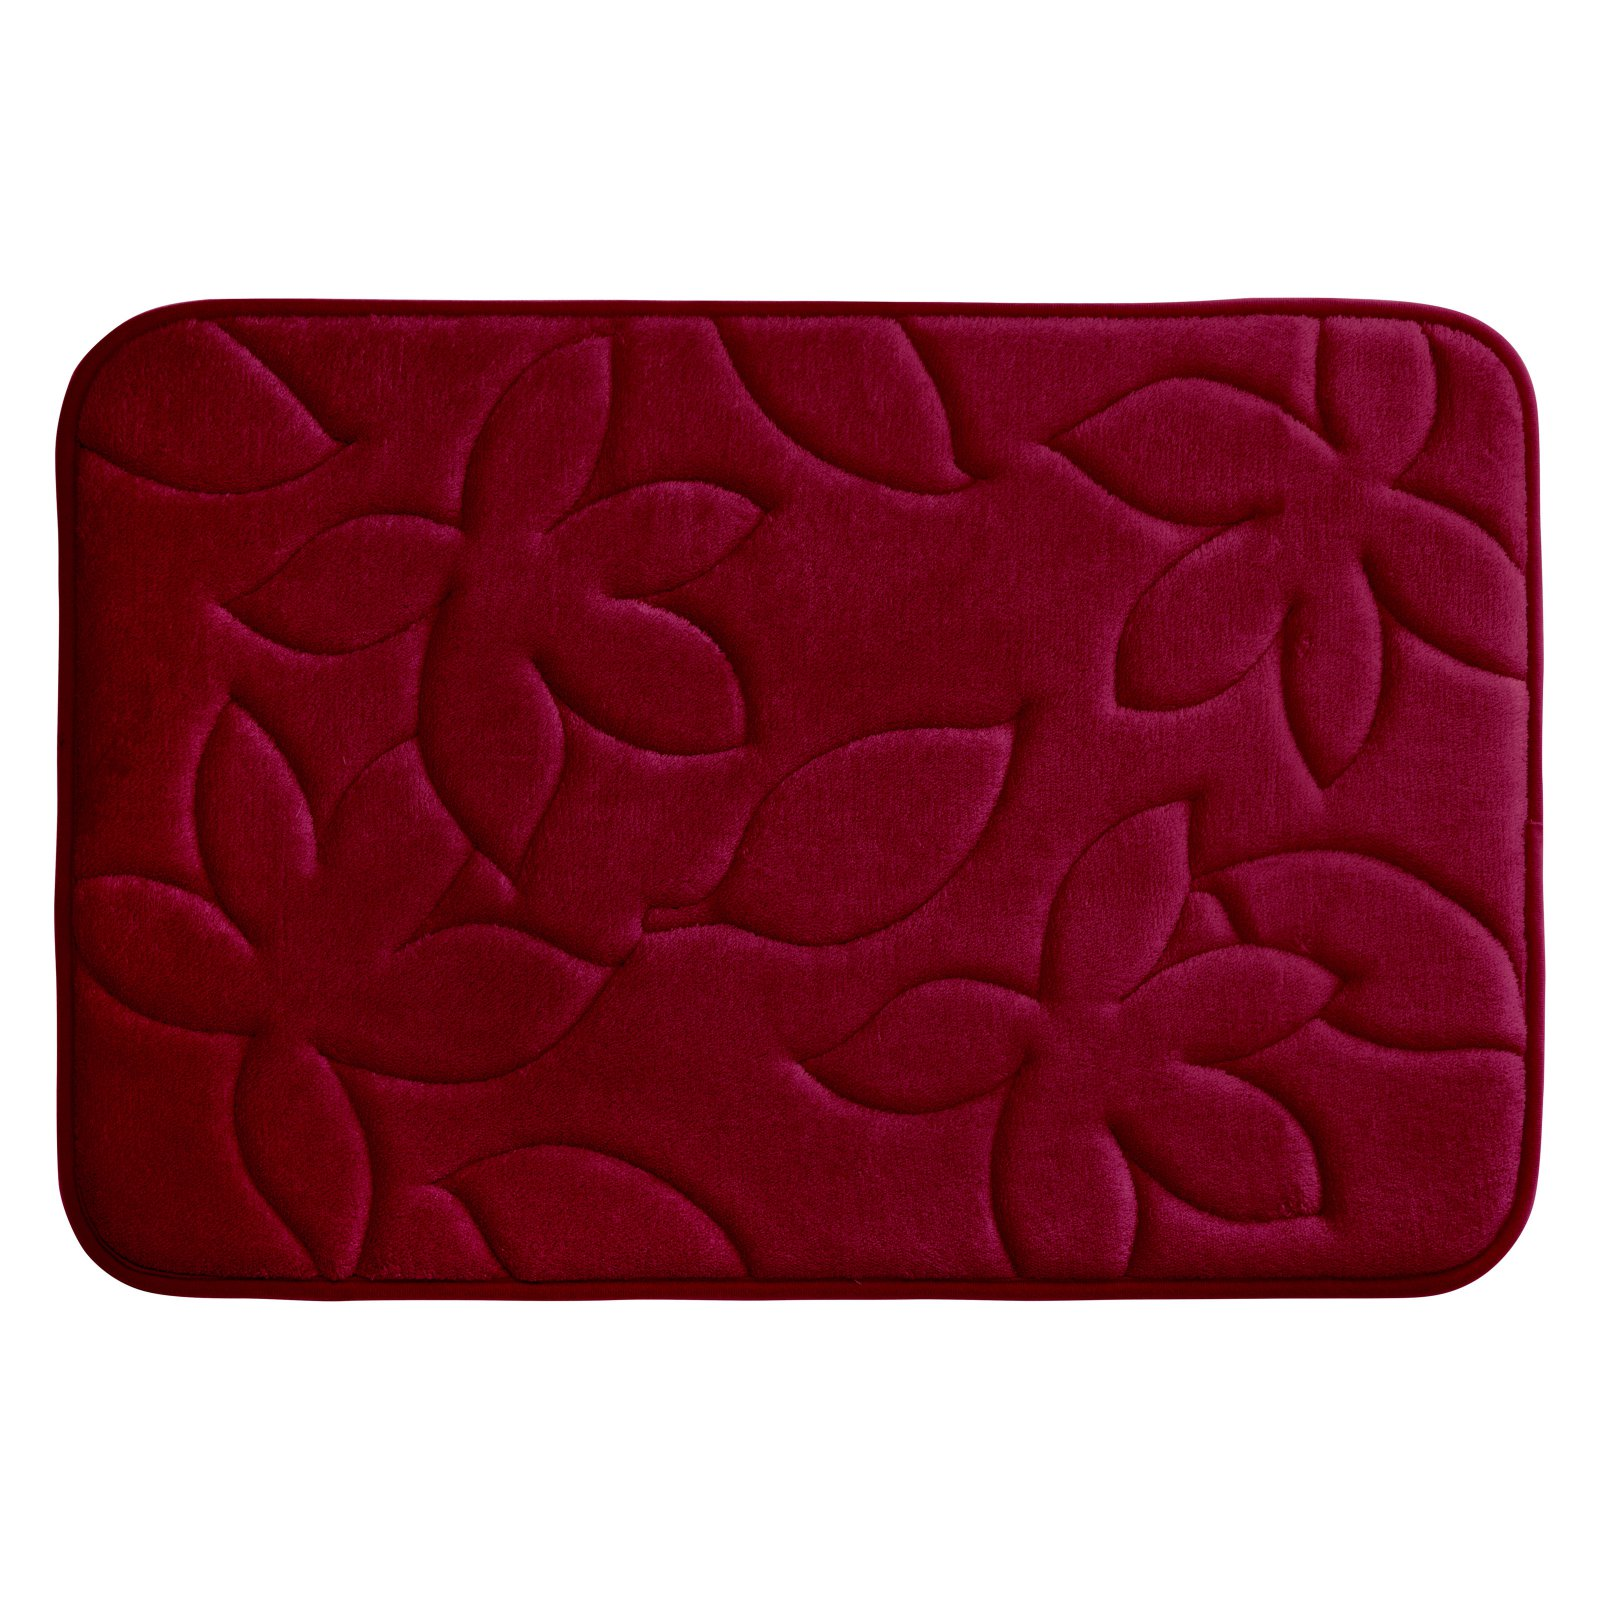 Bounce Comfort Blowing Leaves Premium Memory Foam Bath Mat